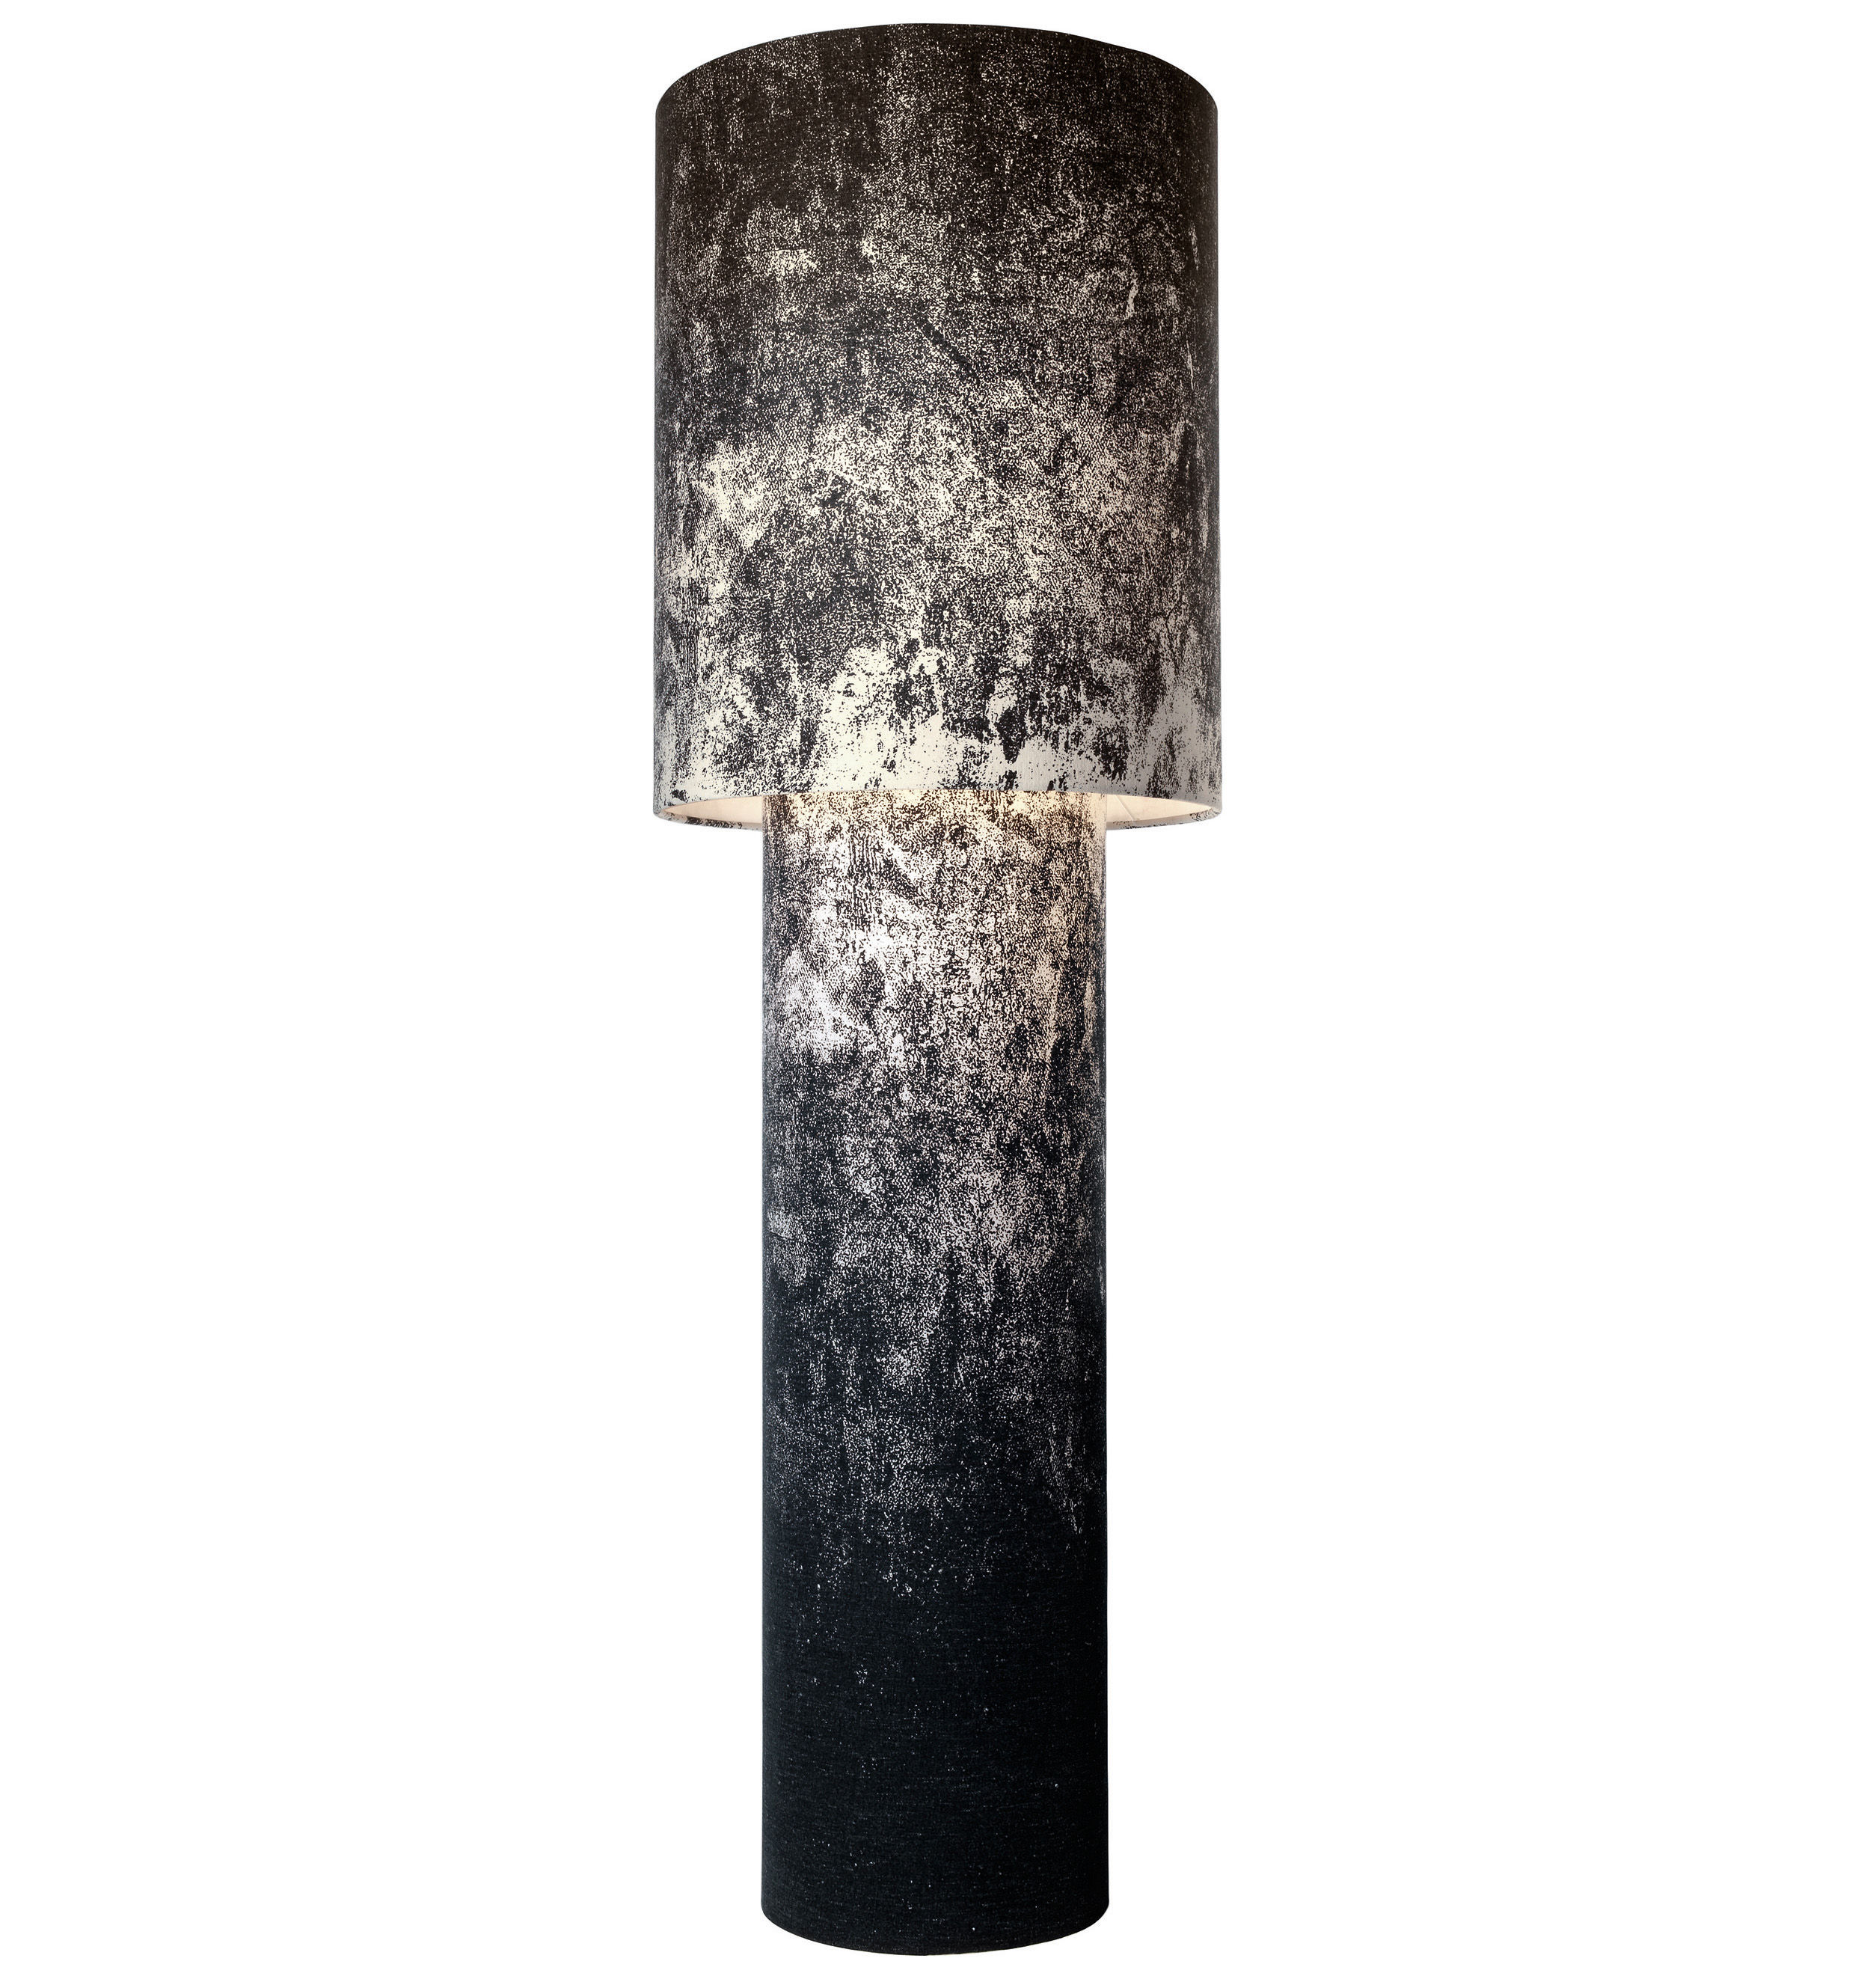 Illuminazione - Lampade da terra - Lampada a stelo Pipe - Grande H 183 cm di Diesel with Foscarini - Nero - Metallo, Tessuto